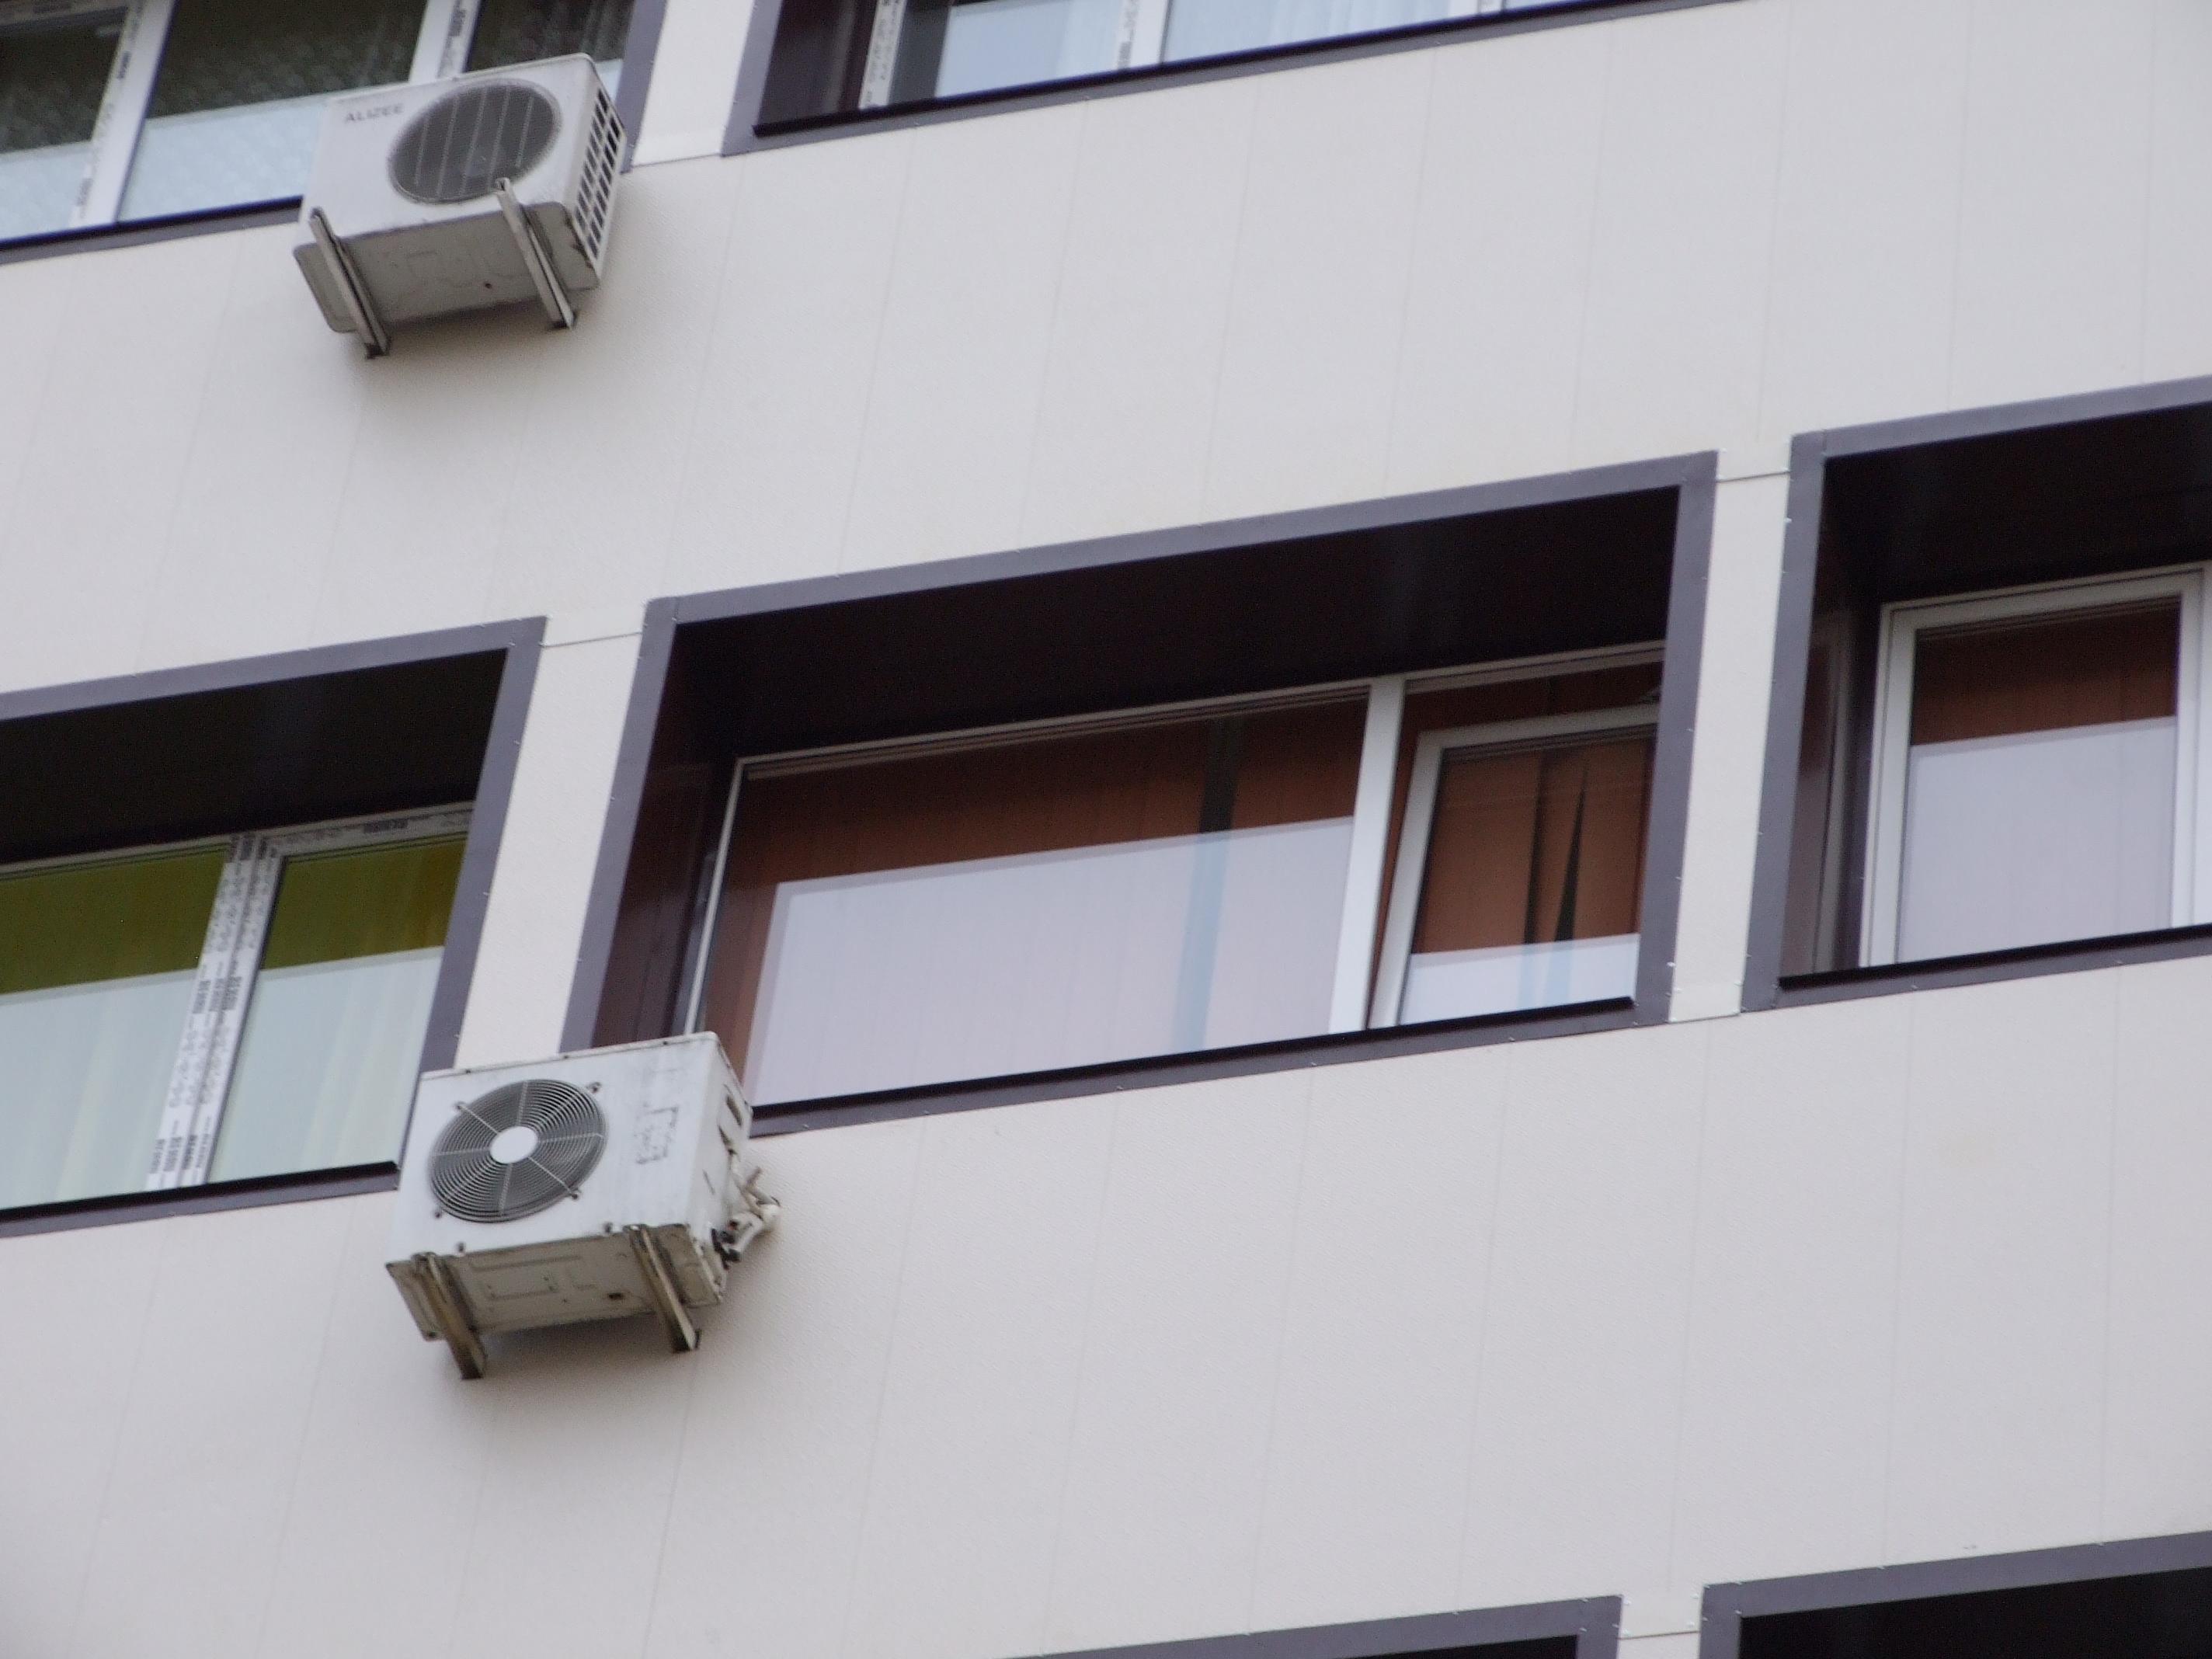 Anvelopare termica - Spitalul judetean de urgenta ARAD THERMOMAX - Poza 3